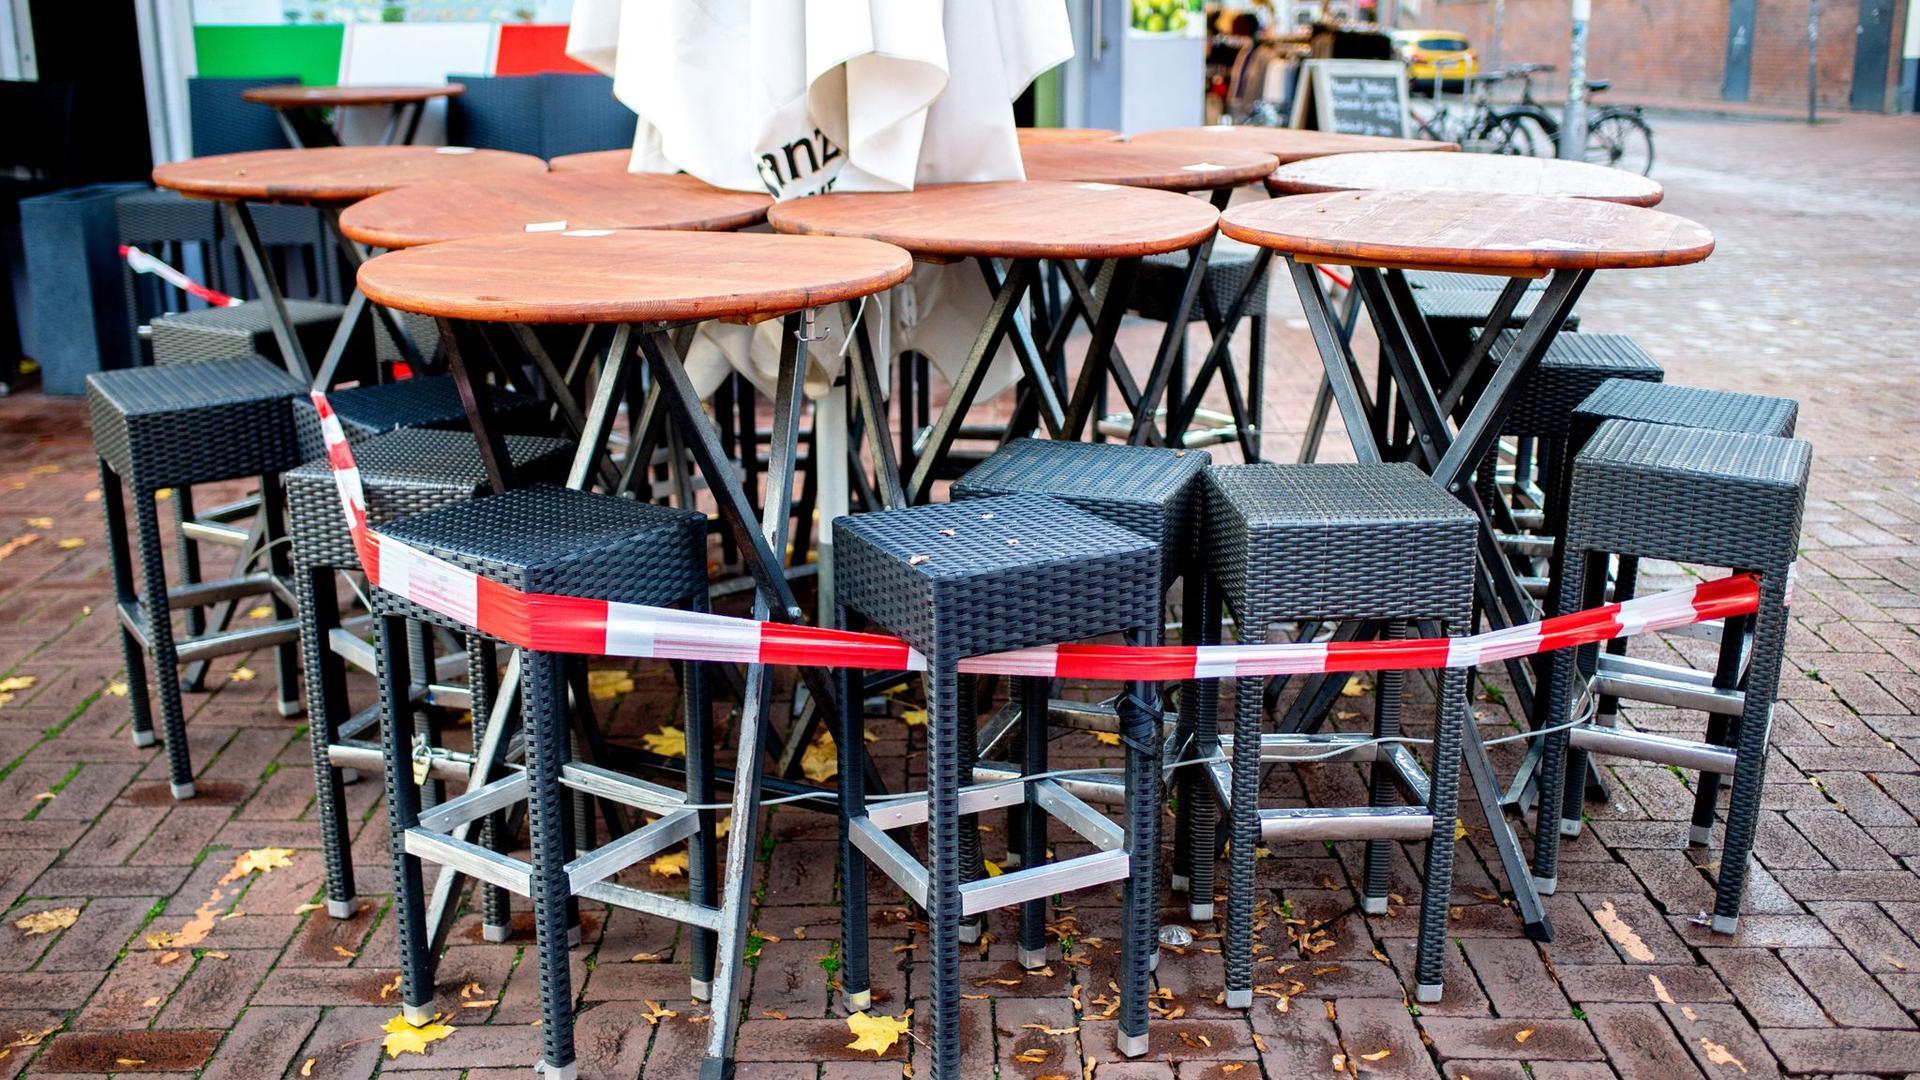 Tische und Stühle stehen vor einer Pizzeria im Hannover. Die Verlängerung des Teil-Lockdowns in Deutschland bis kurz vor Weihnachten ist so gut wie sicher.